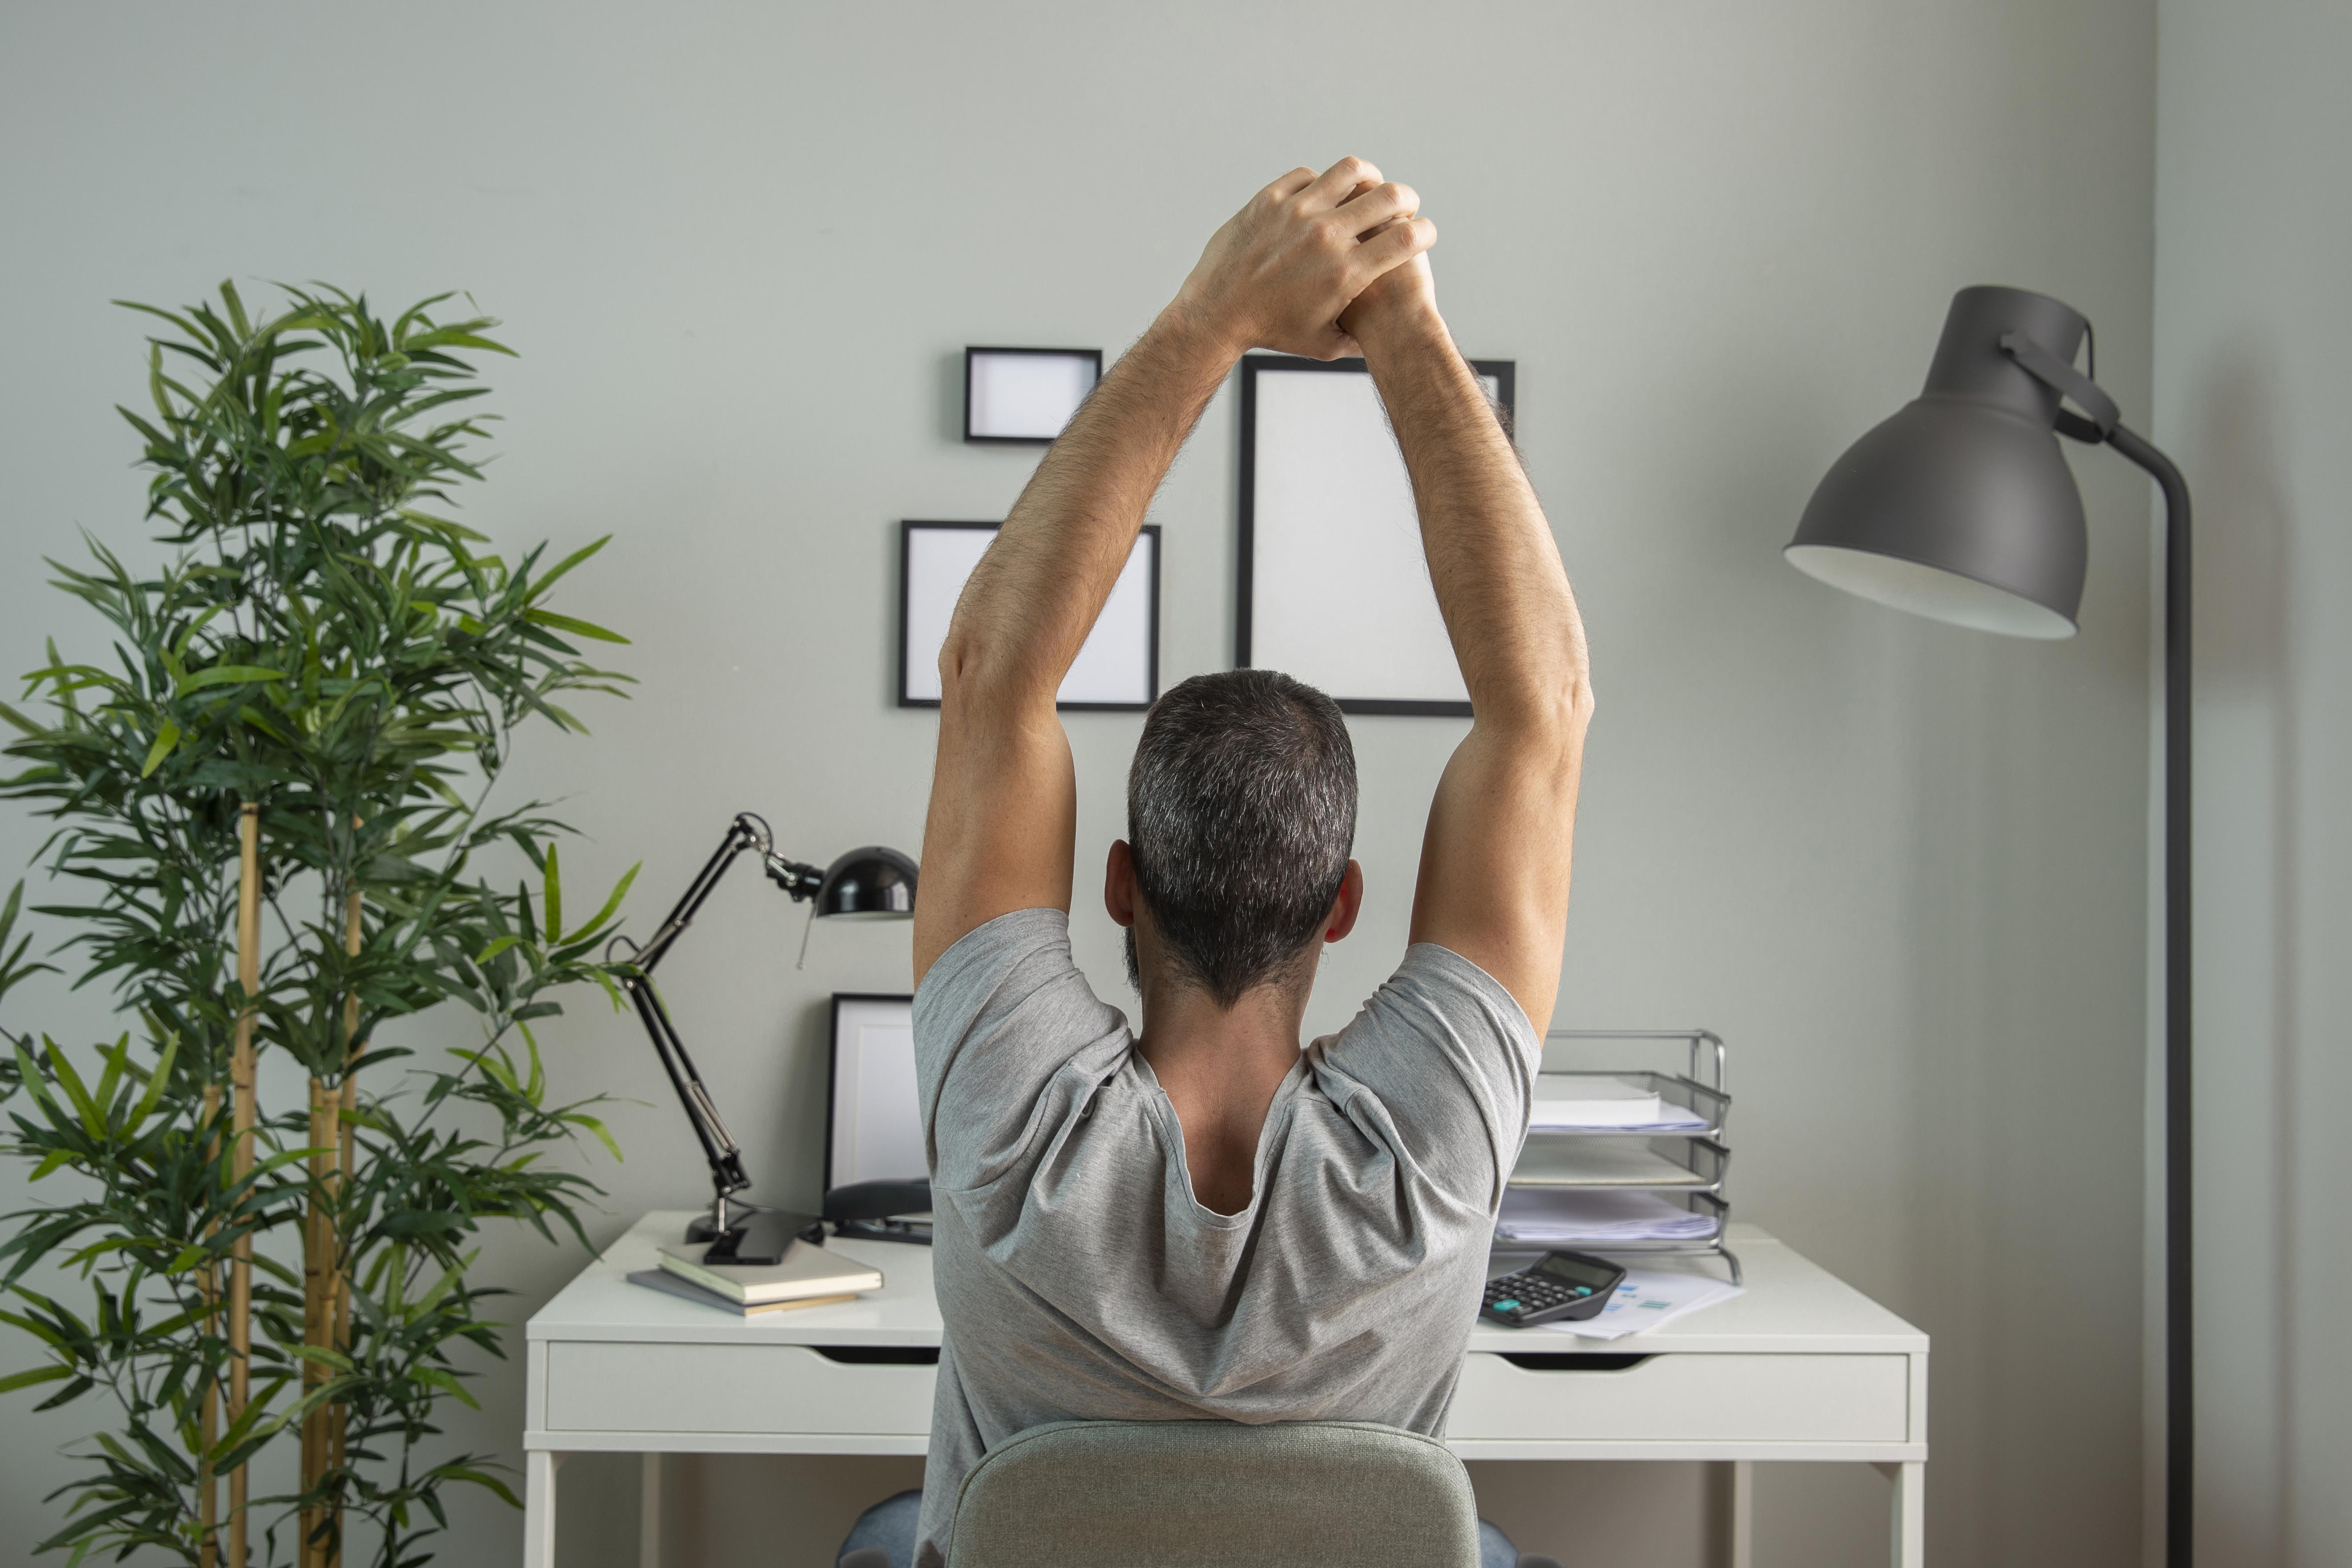 As 7 melhores dicas para evitar dores no corpo no Home office.  Confira as recomendações de postura, exercícios e mobiliário para evitar lesões e problemas de saúde